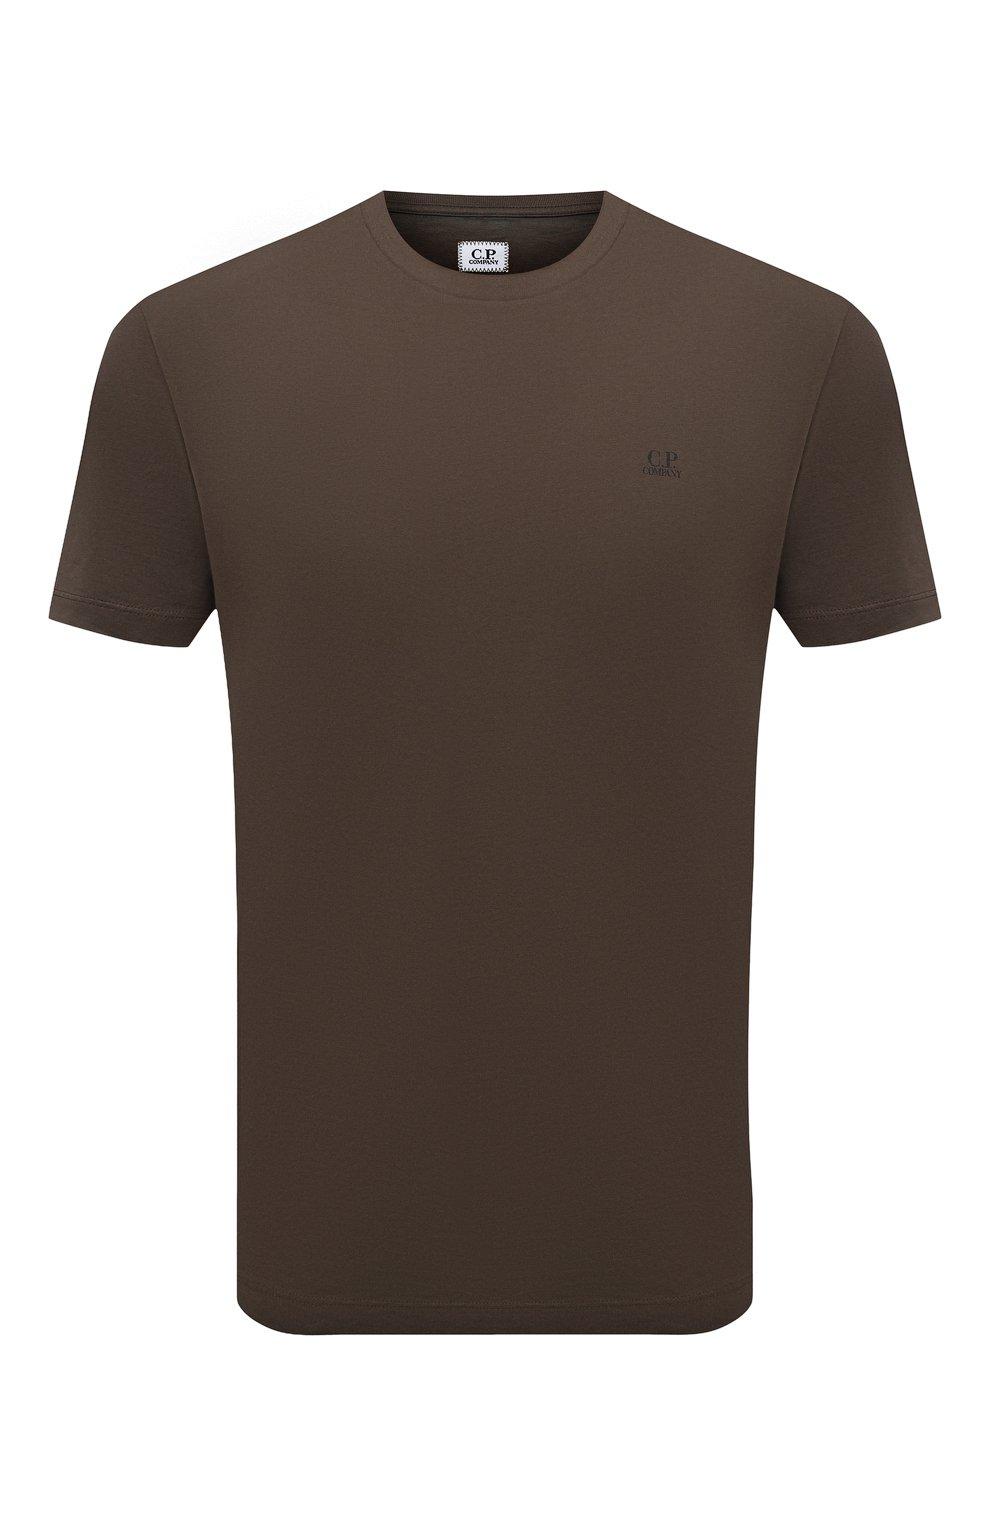 Мужская хлопковая футболка C.P. COMPANY хаки цвета, арт. 10CMTS037A-005100W   Фото 1 (Рукава: Короткие; Длина (для топов): Стандартные; Принт: С принтом; Материал внешний: Хлопок; Стили: Кэжуэл)